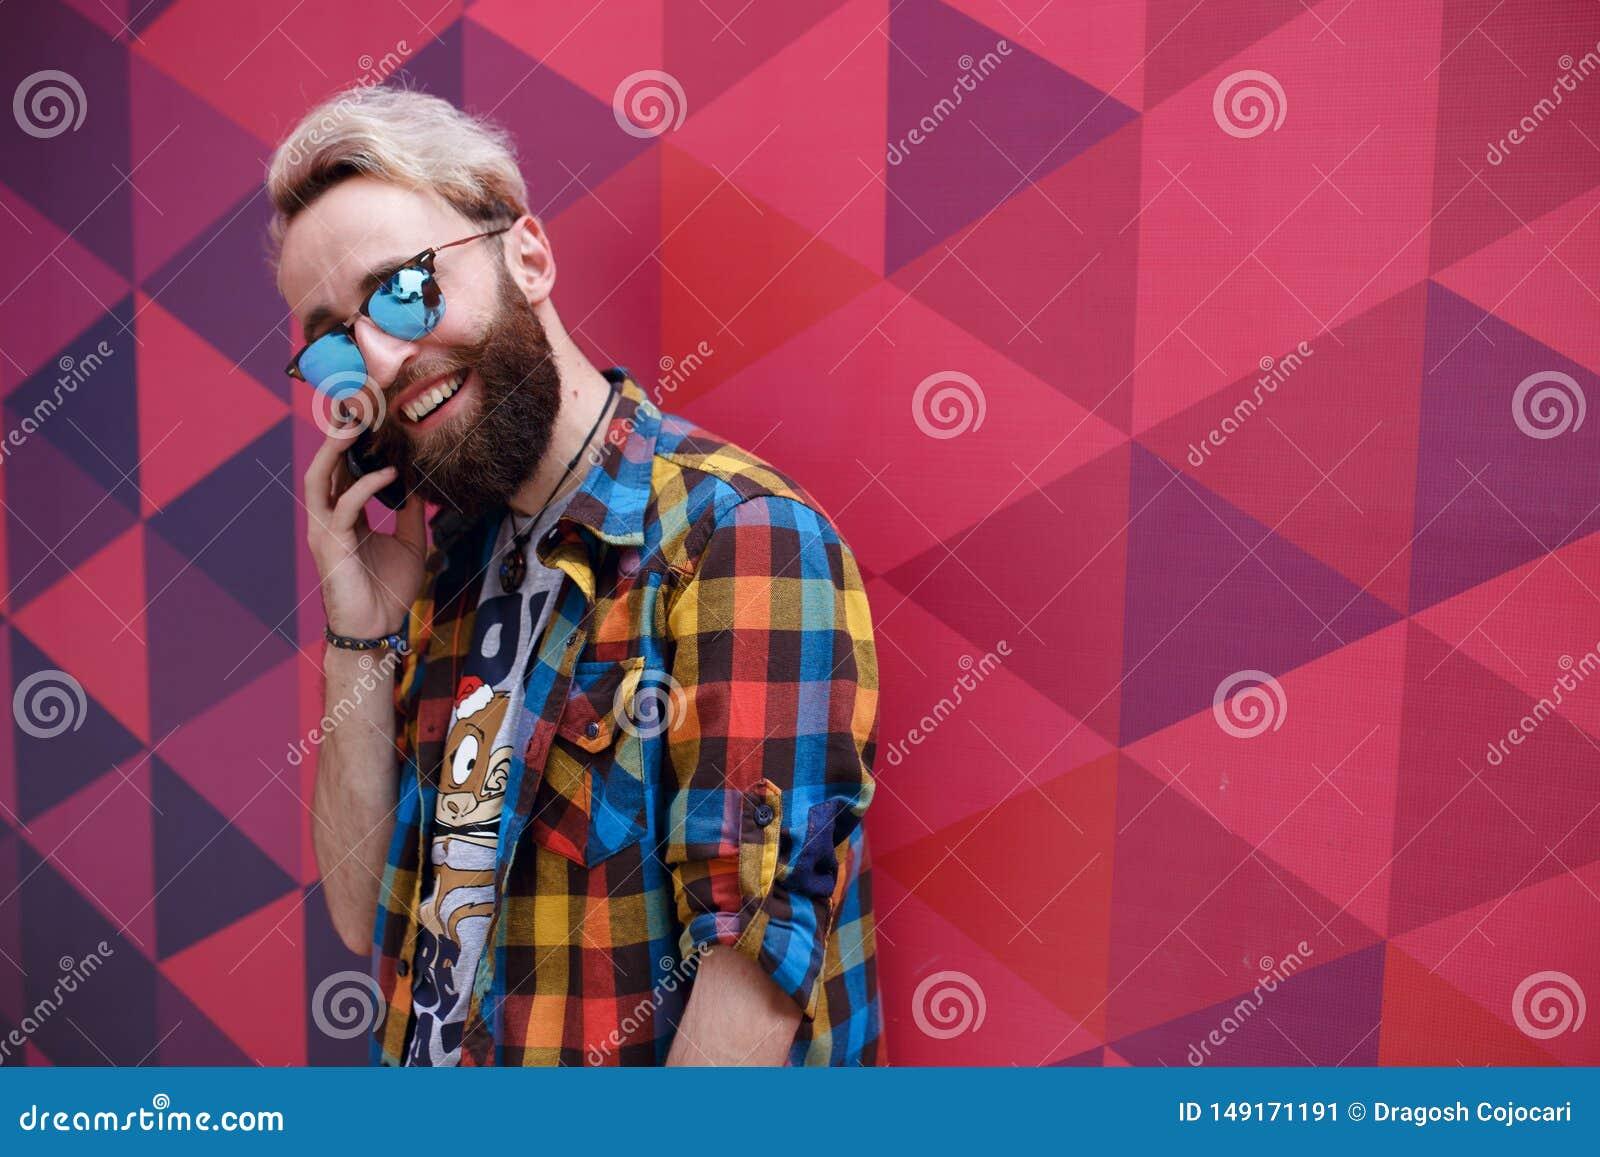 Όμορφος χαρισματικός νεαρός άνδρας που μιλά στο κινητό τηλέφωνο, σε ένα multicolore backgound